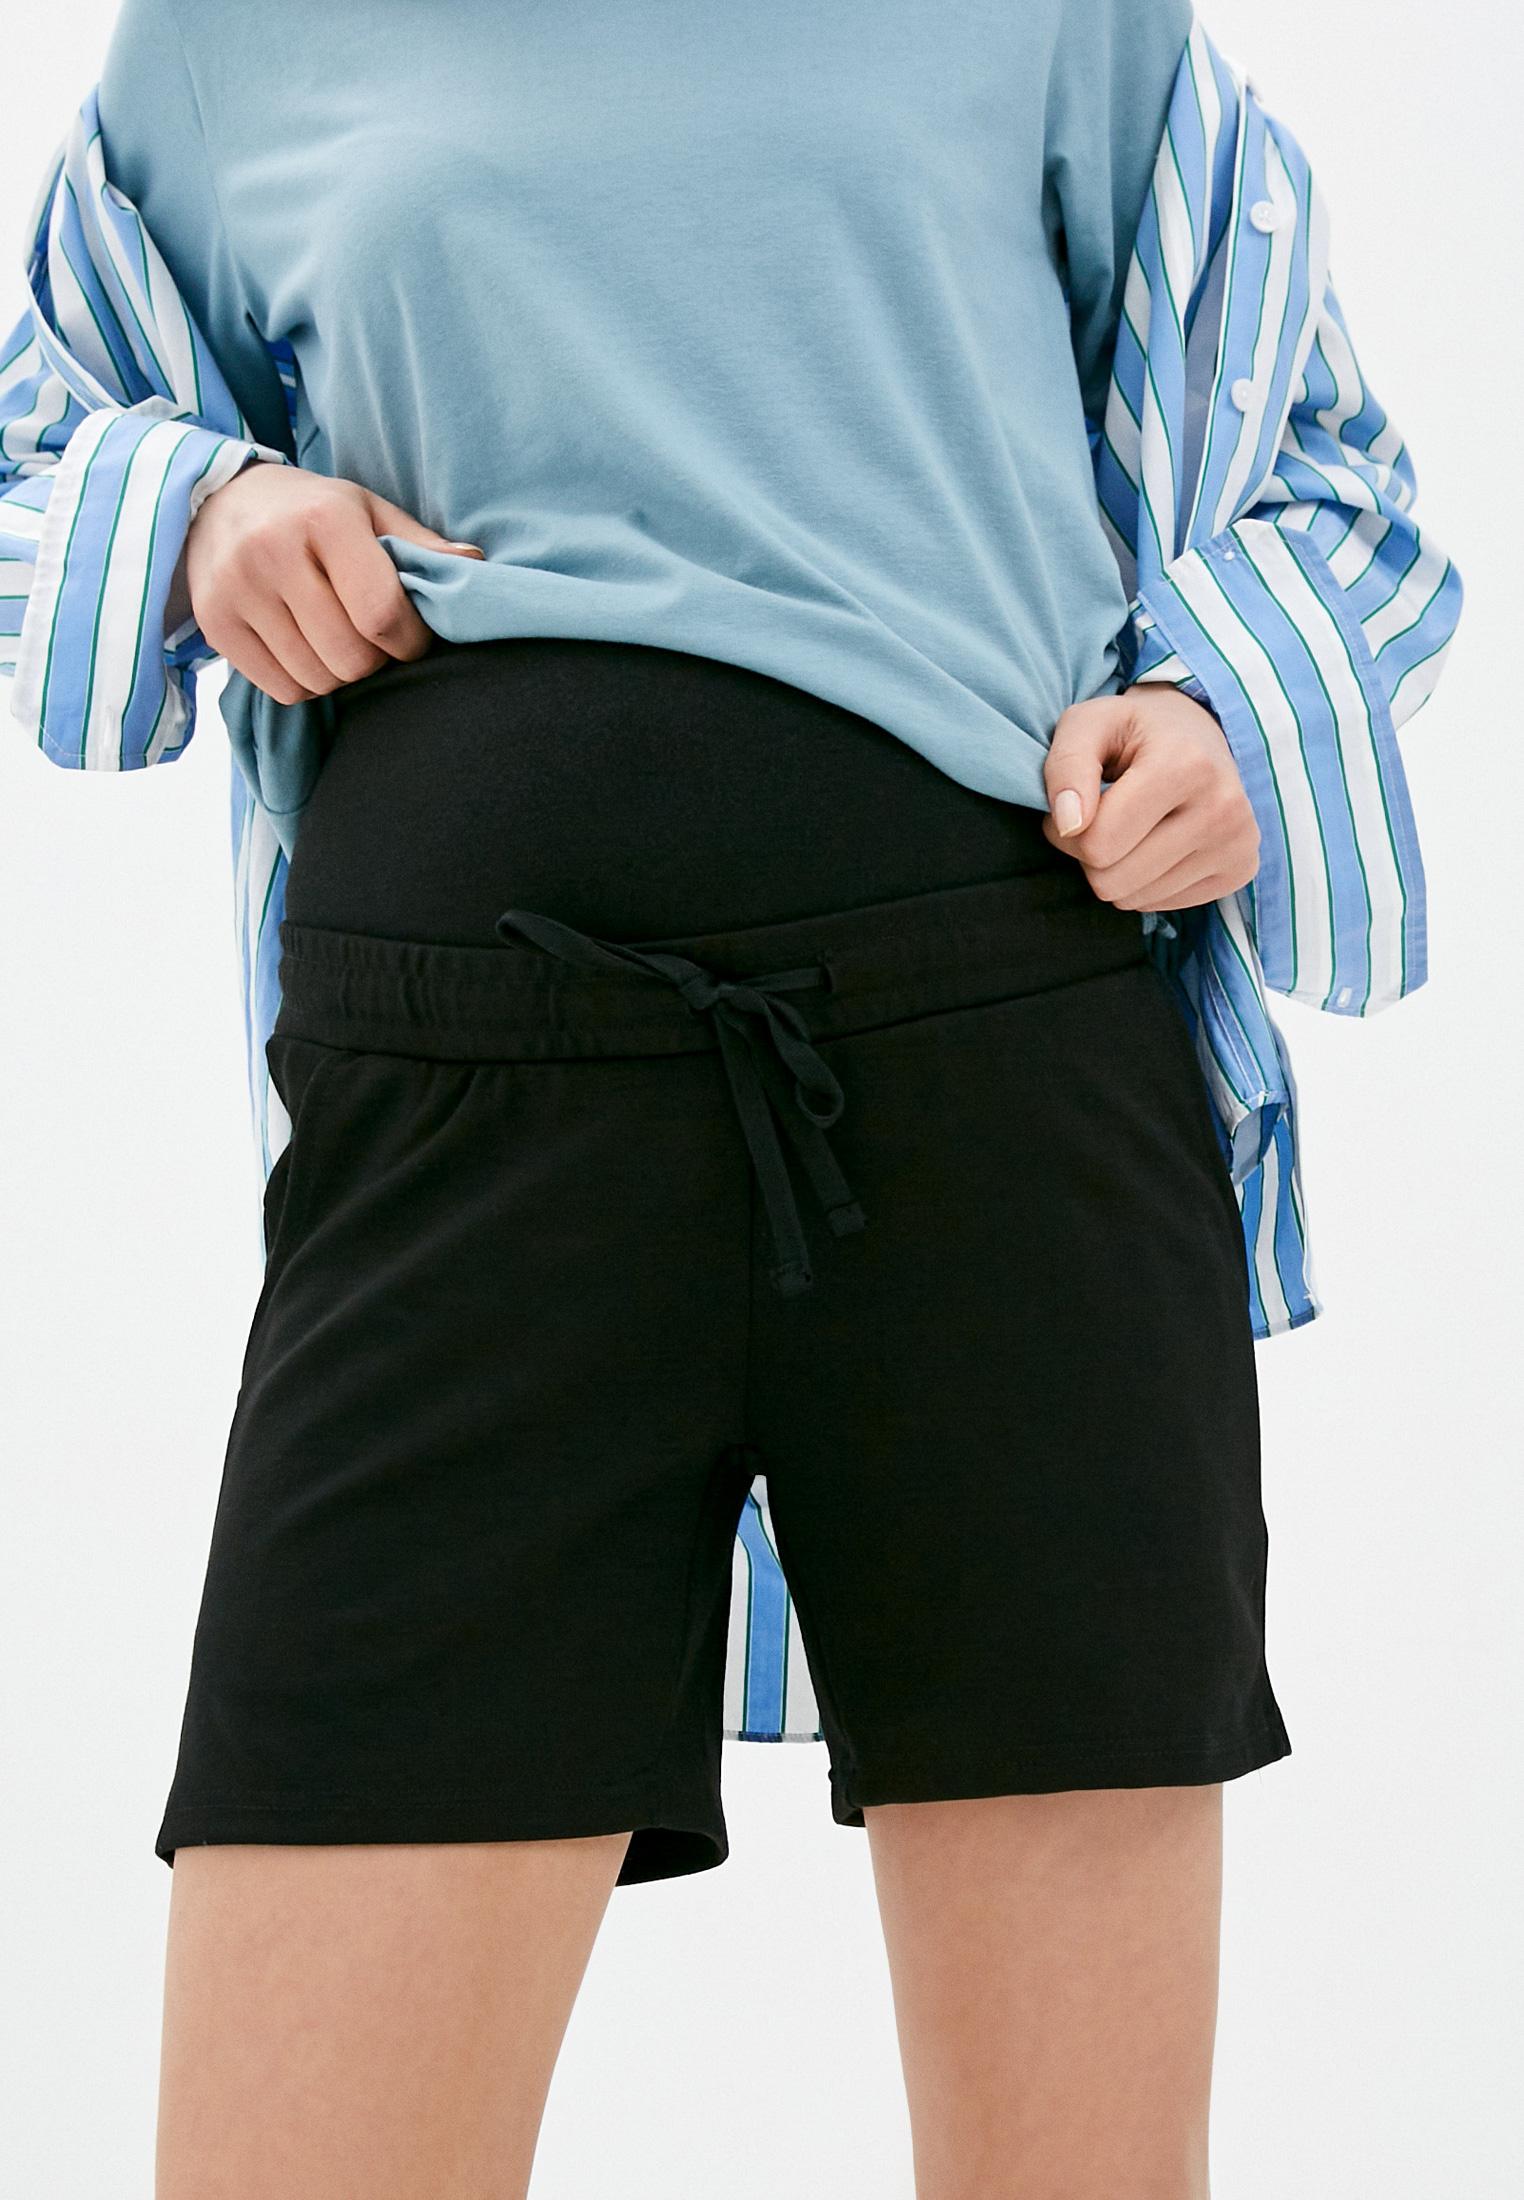 Женские повседневные шорты Mamalicious Шорты спортивные Mamalicious